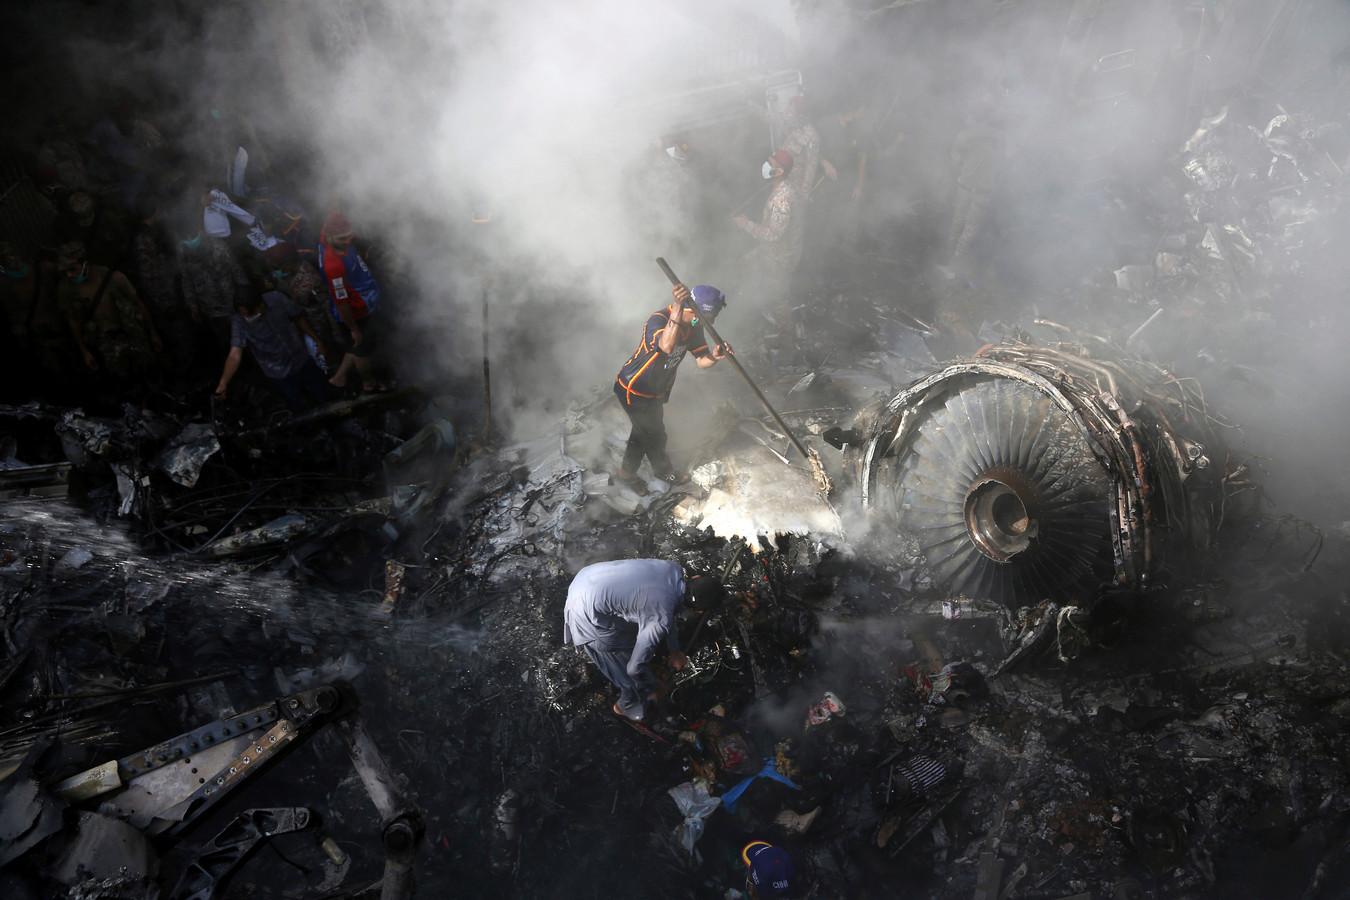 Reddingsdiensten en vrijwilligers zoeken tussen de wrakstukken van het vliegtuig naar slachtoffers.